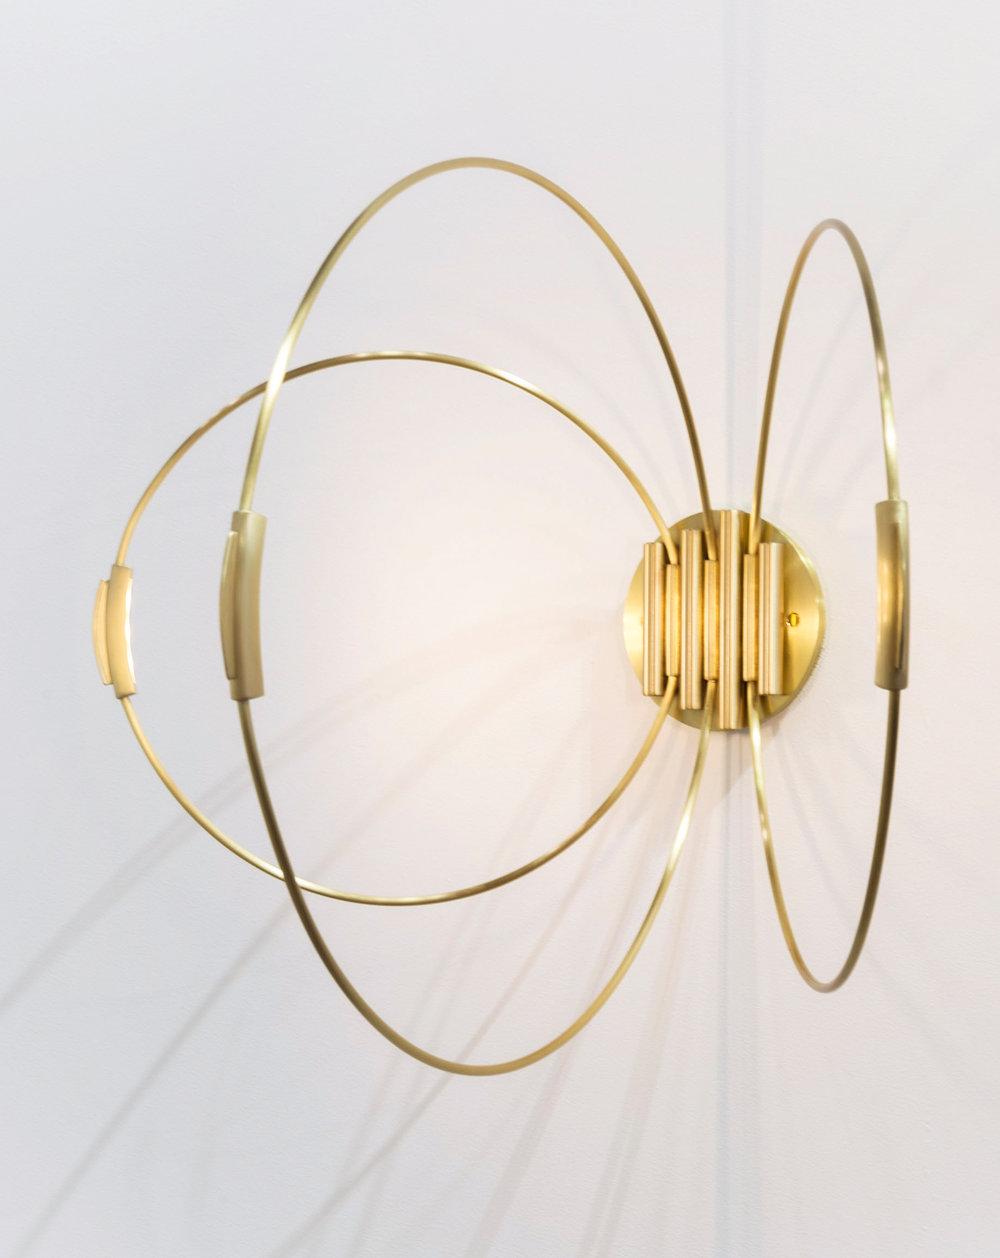 3-rings-sconce-elish-warlop-3 (1).jpg